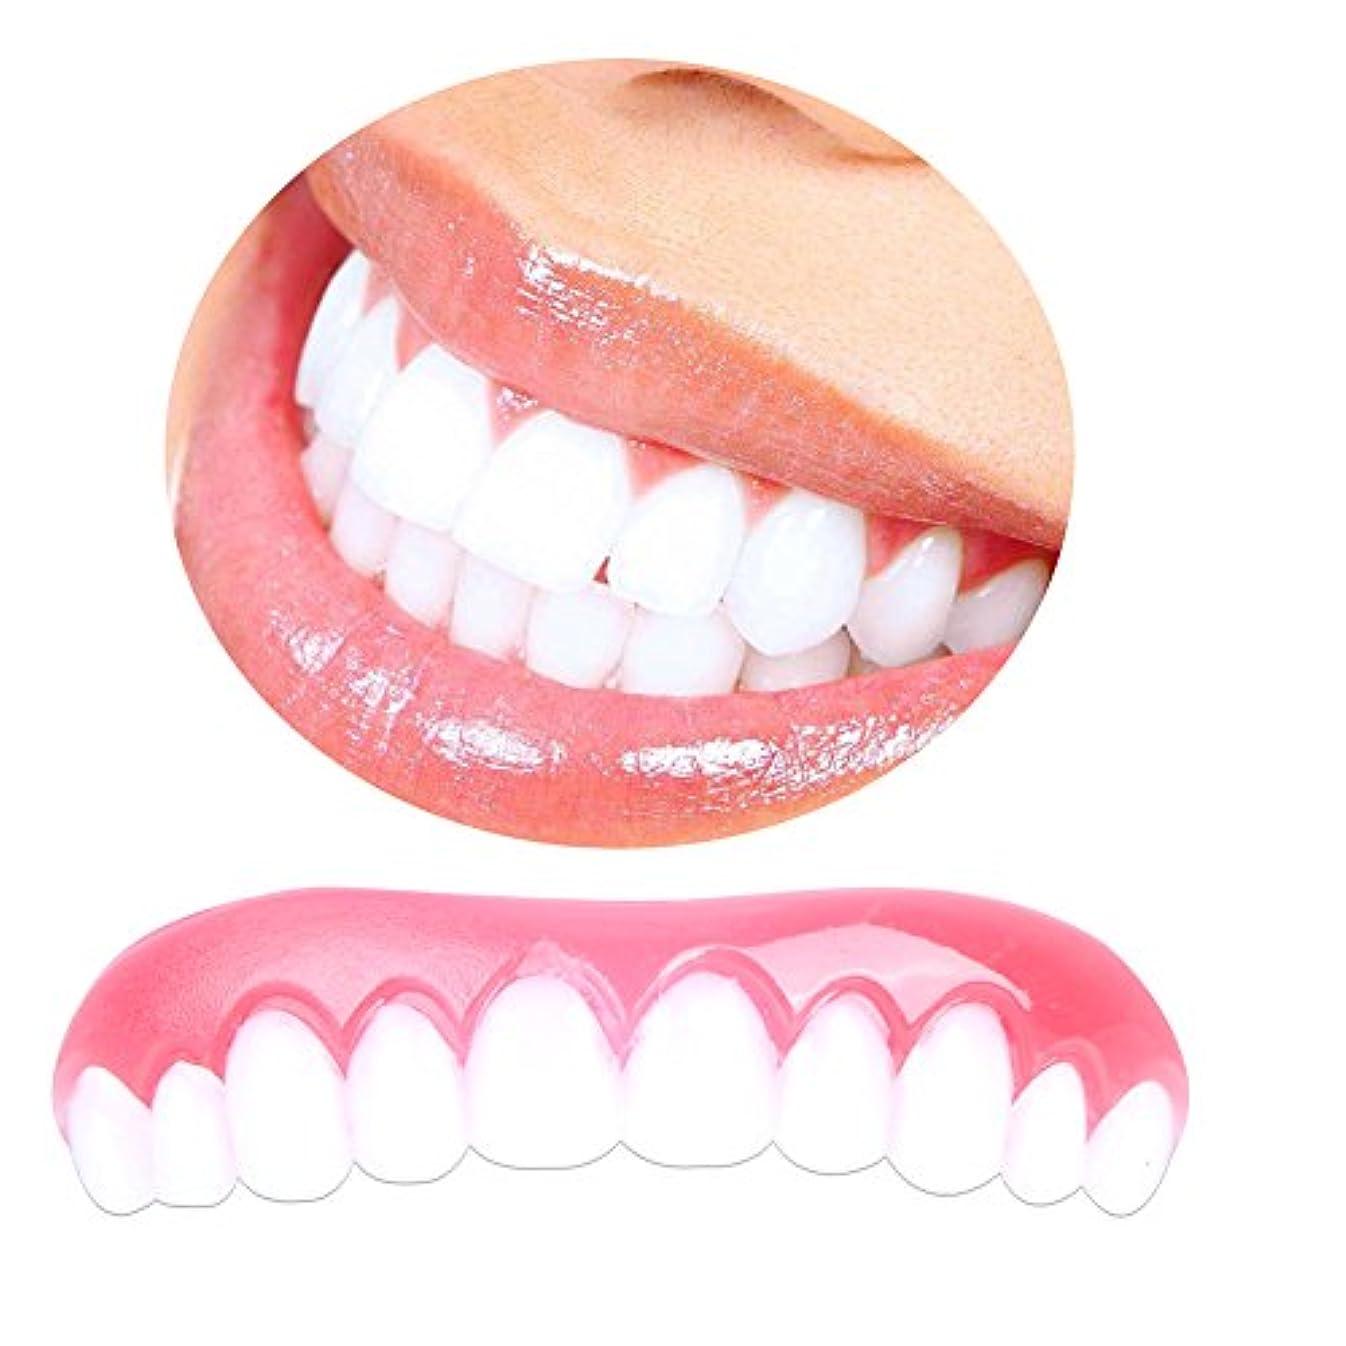 愚かな水星創造コンフォートフィットフレックス化粧品歯パーフェクトスマイルベニアダブの歯の矯正用ダブ歯用ホワイトパーフェクトスマイルベニア歯のホワイトニング-2個